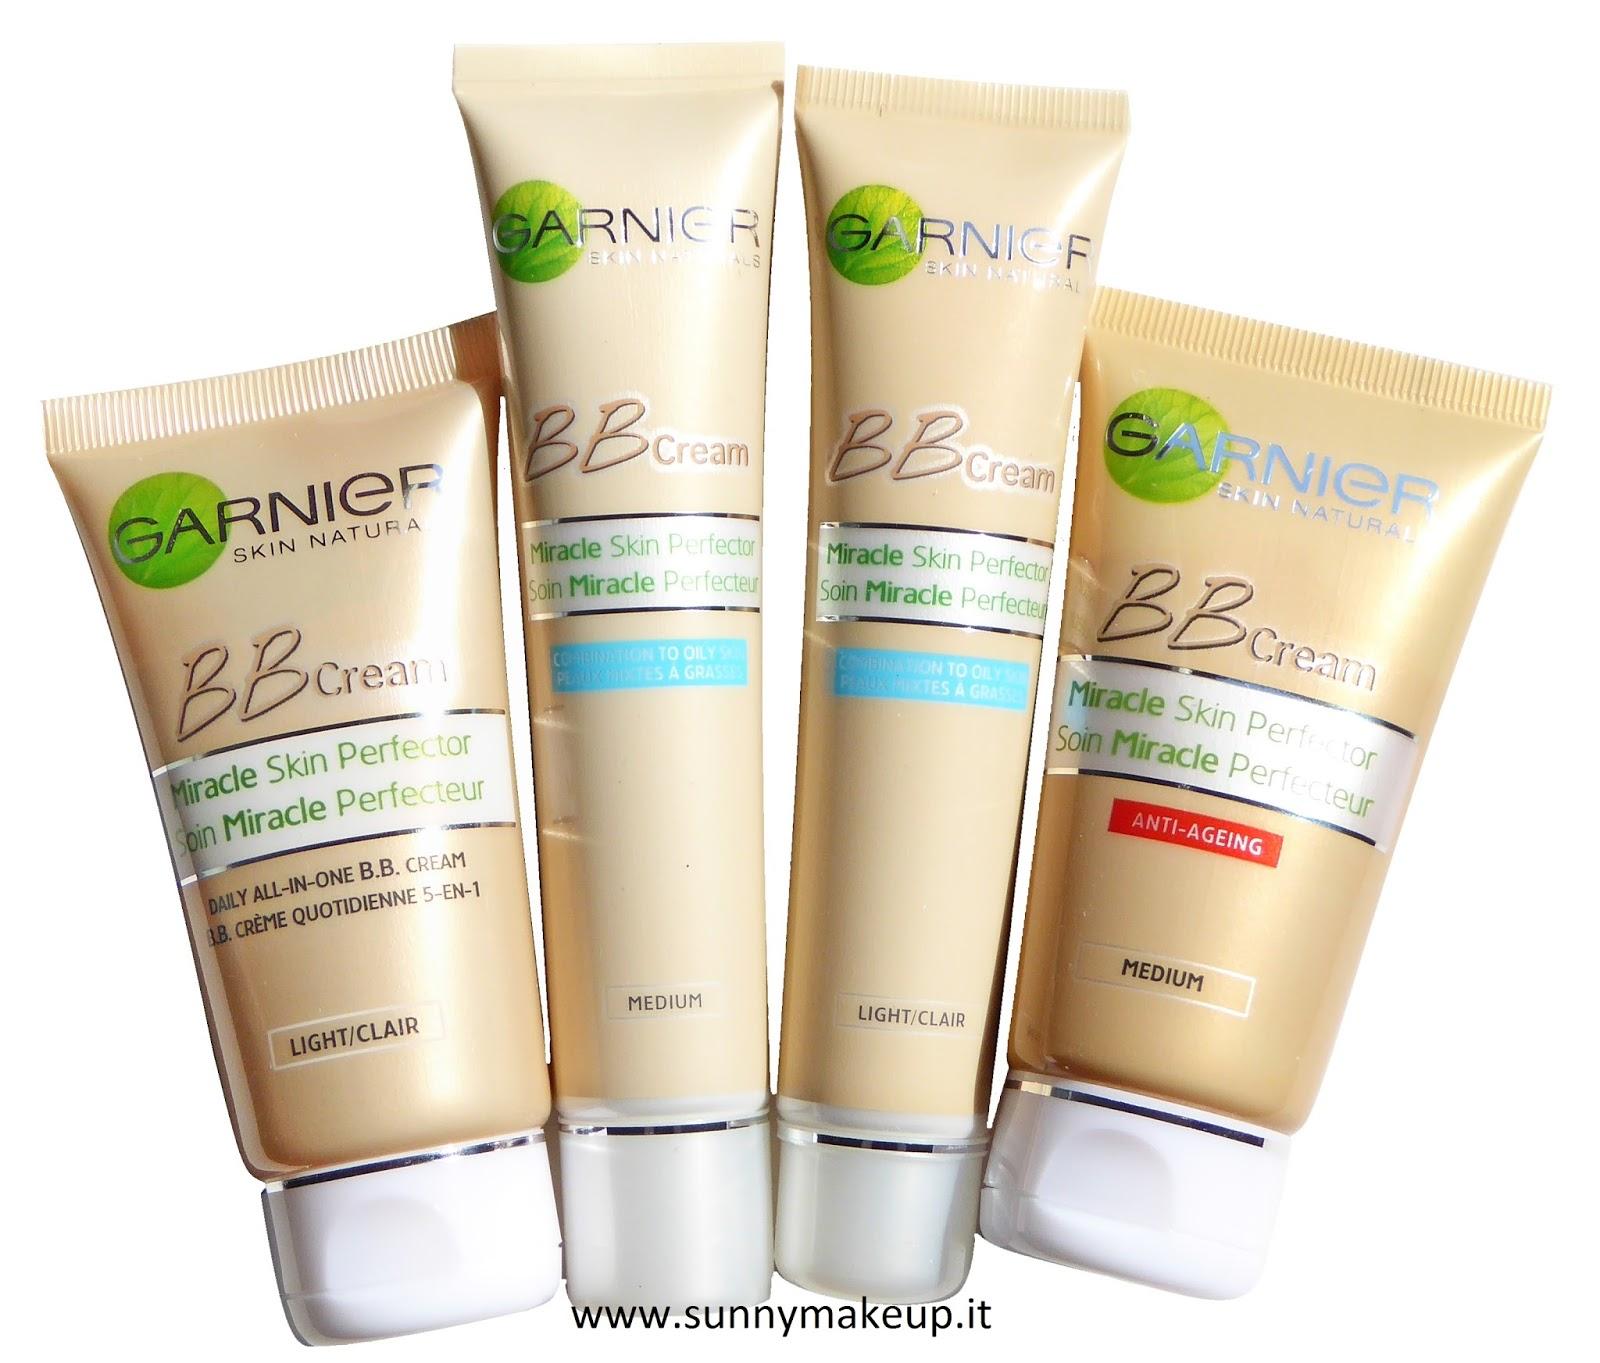 Garnier BB Cream Original Miste/Grasse Antirughe